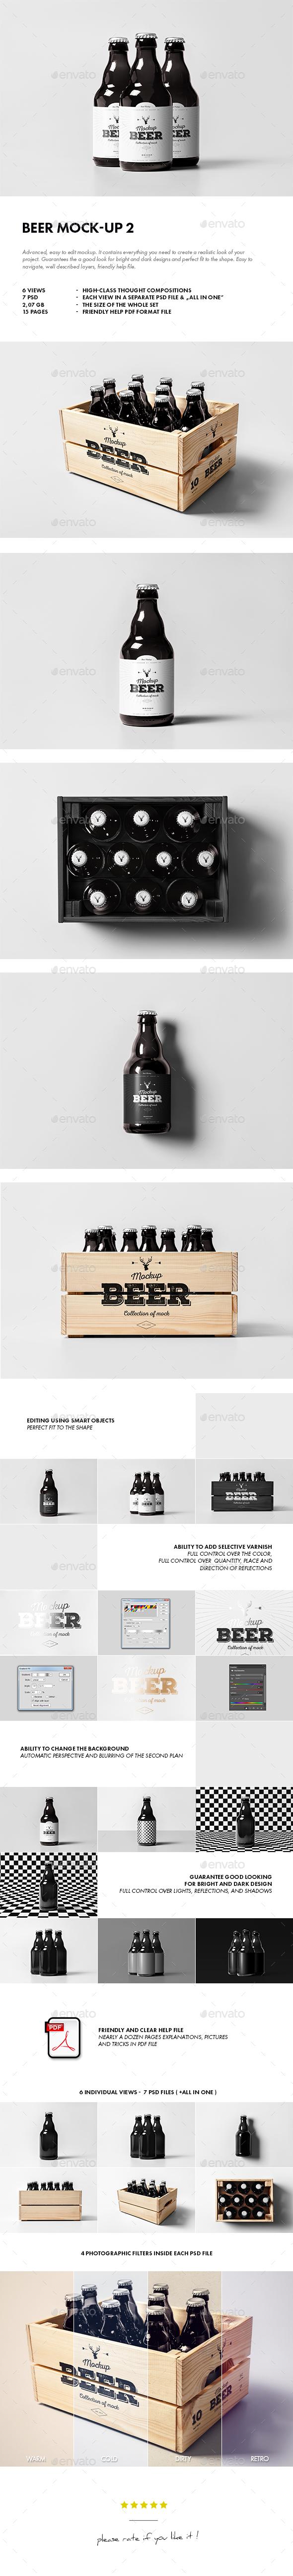 Beer Mock-up 2 - Food and Drink Packaging